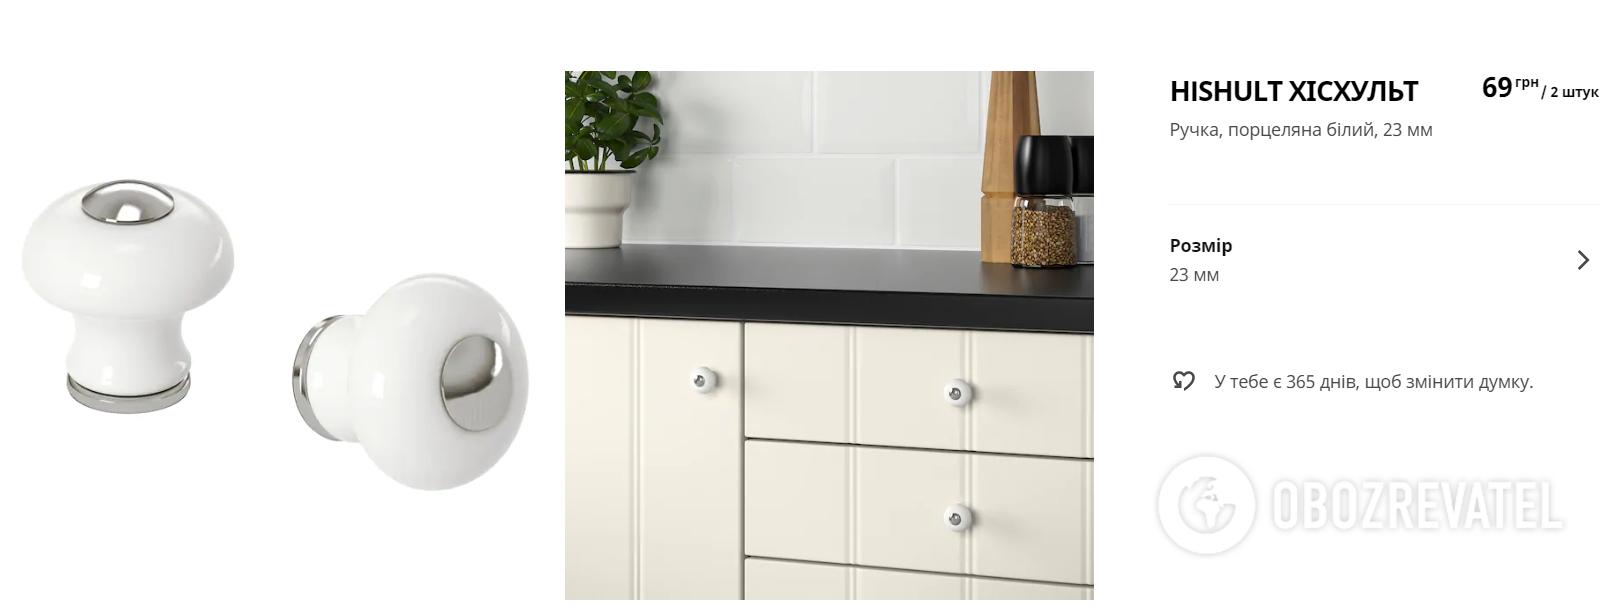 Вартість товару на офіційному сайті IKEA